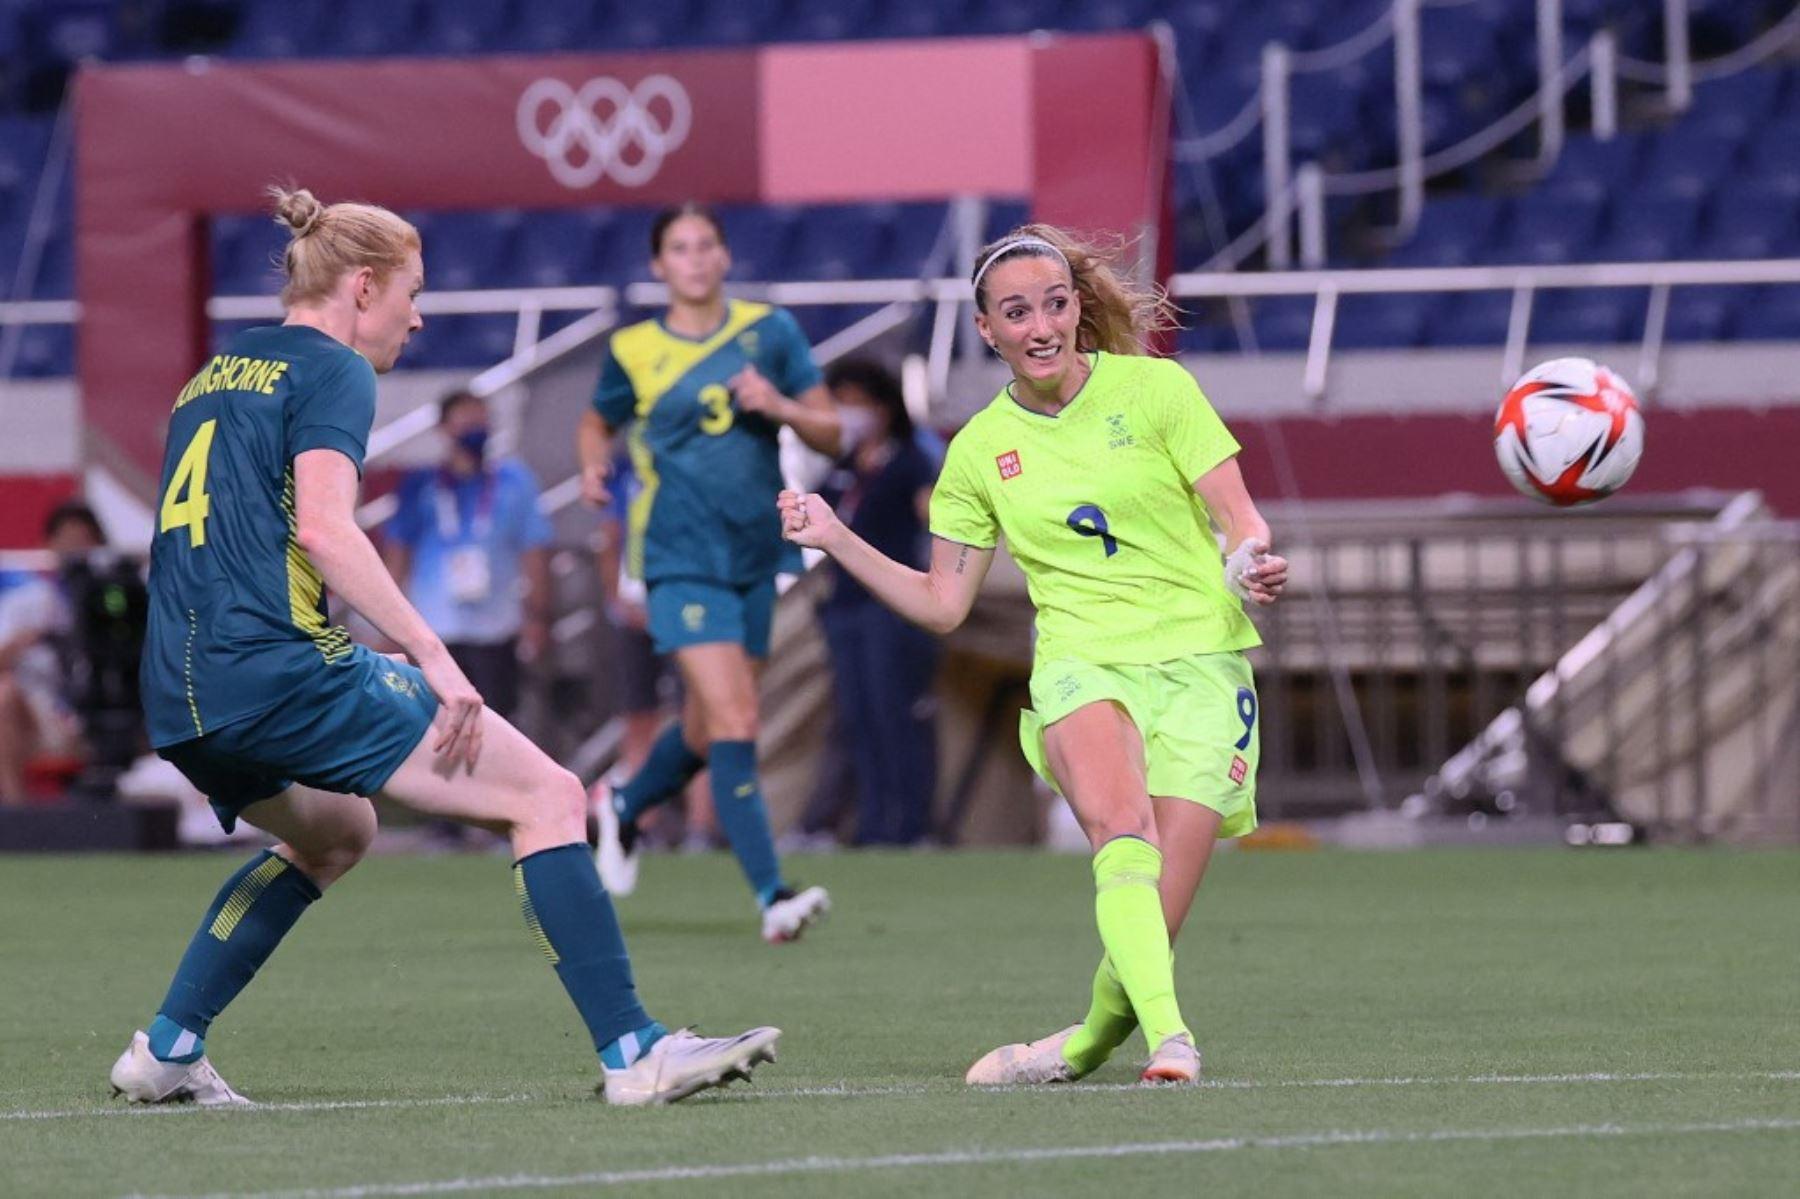 Suecia se metió a los cuartos de final en el fútbol femenino olímpico